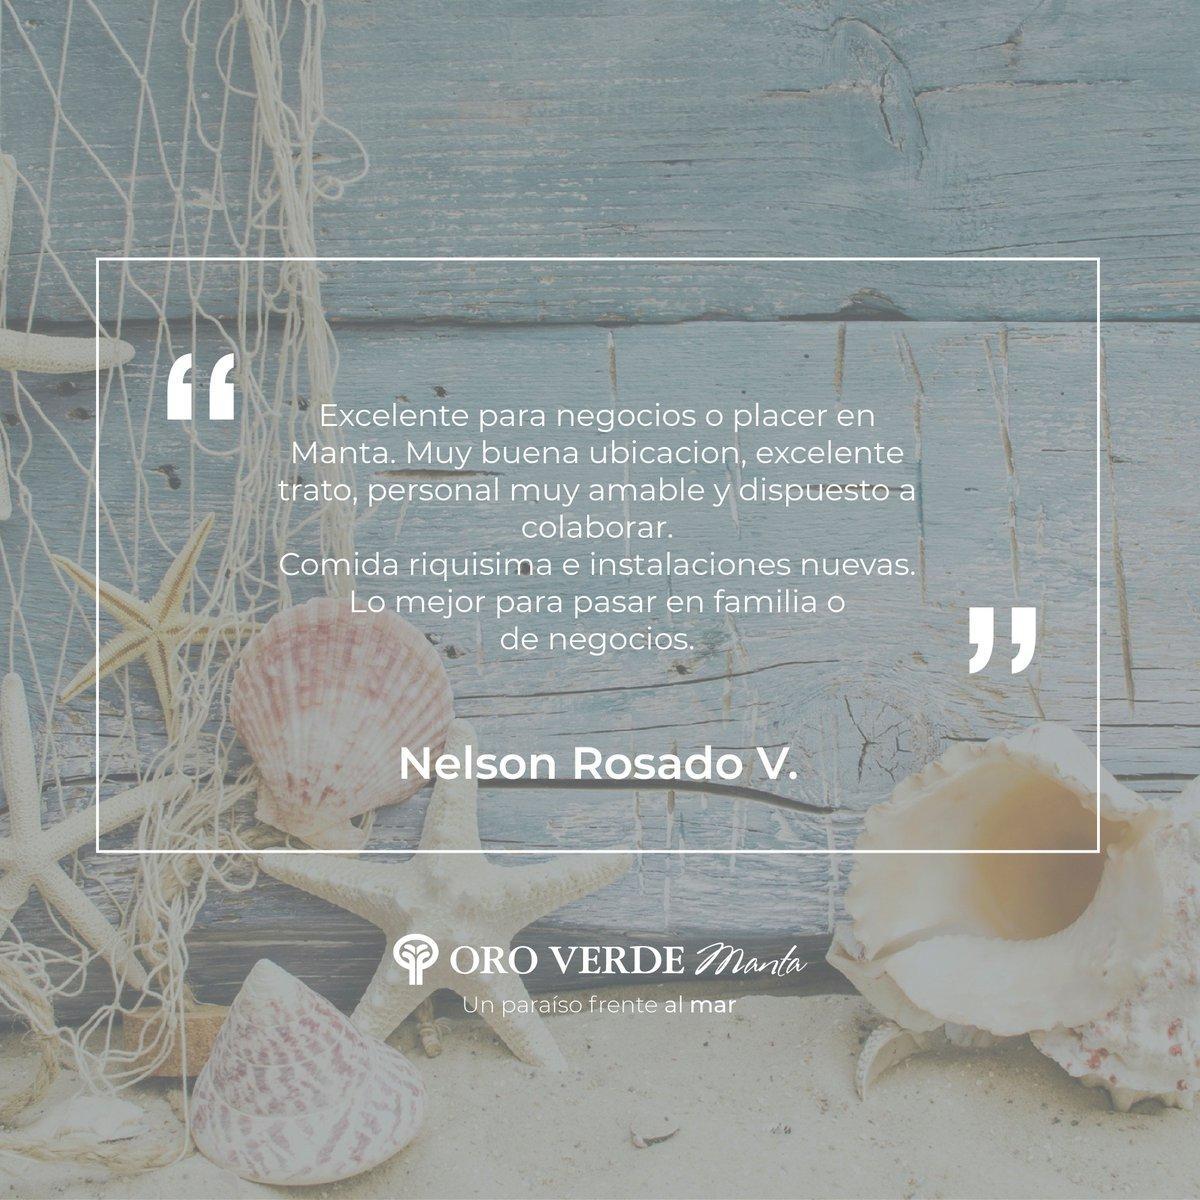 Playa, sol, arena, amigos, eso es verano; eso es vida. 🌊🏖😎 ¡Gracias por tu visita Nelson Rosado V.! #TripAdvisor #OroverdeExperience #Deluxe #Beach https://t.co/UOGIeeTQn3